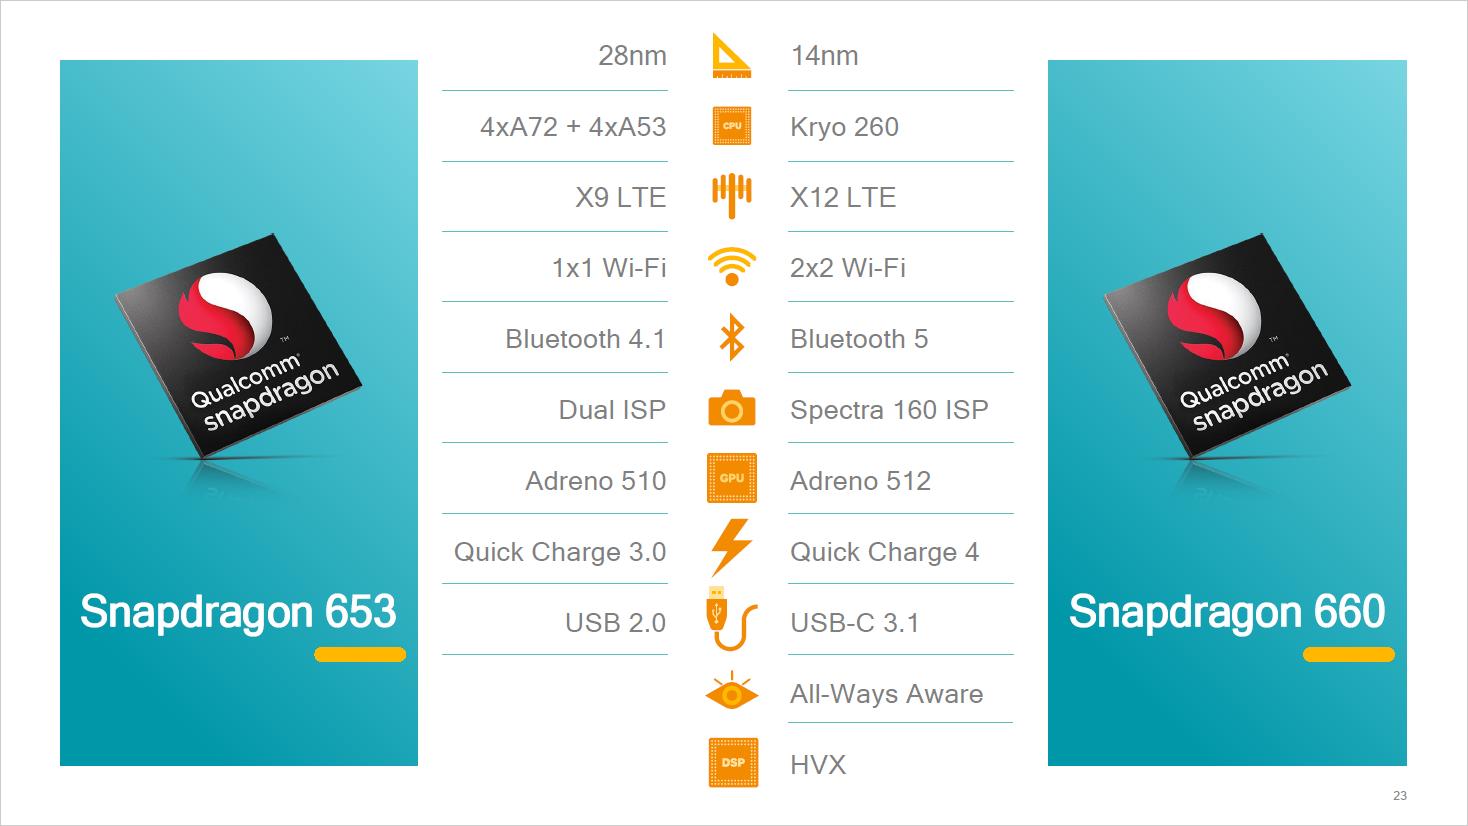 Snapdragon 660/630: Qualcomm bringt Kryo-Kerne in die Mittelklasse - SD660 und SD653 im Vergleich (Bild: Qualcomm)